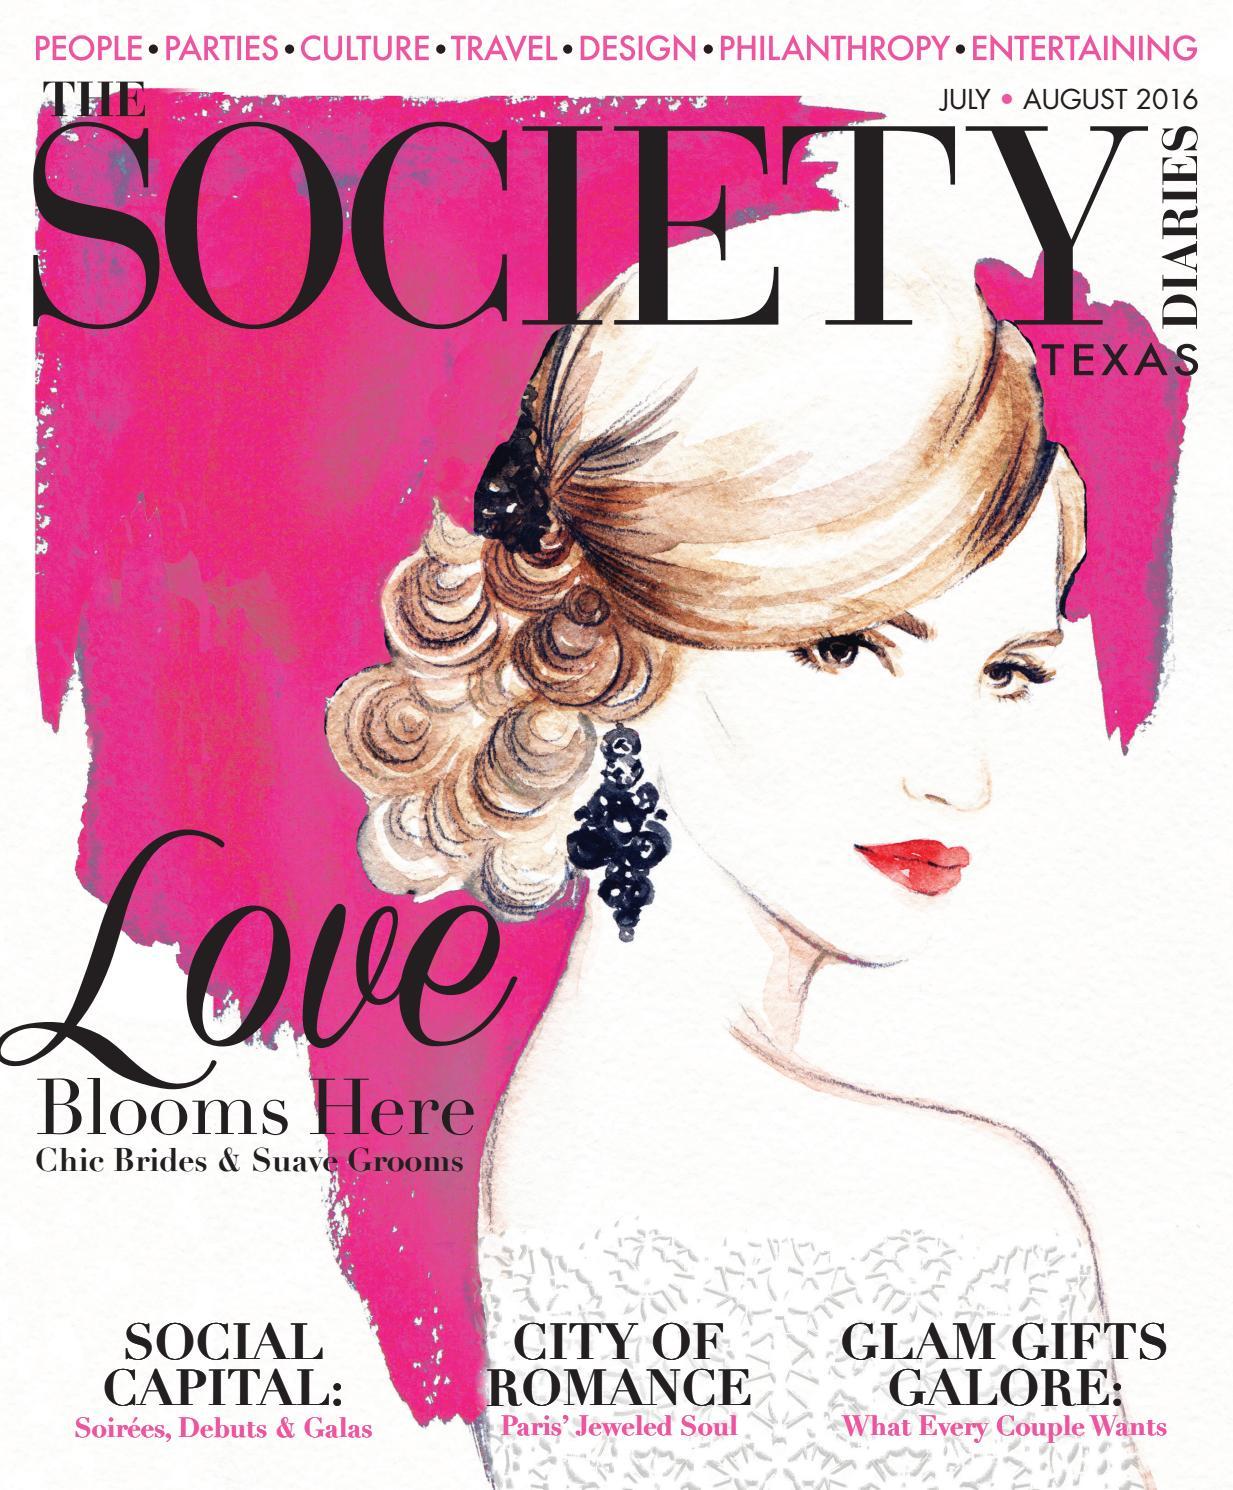 8c4eea817c40 The Society Diaries